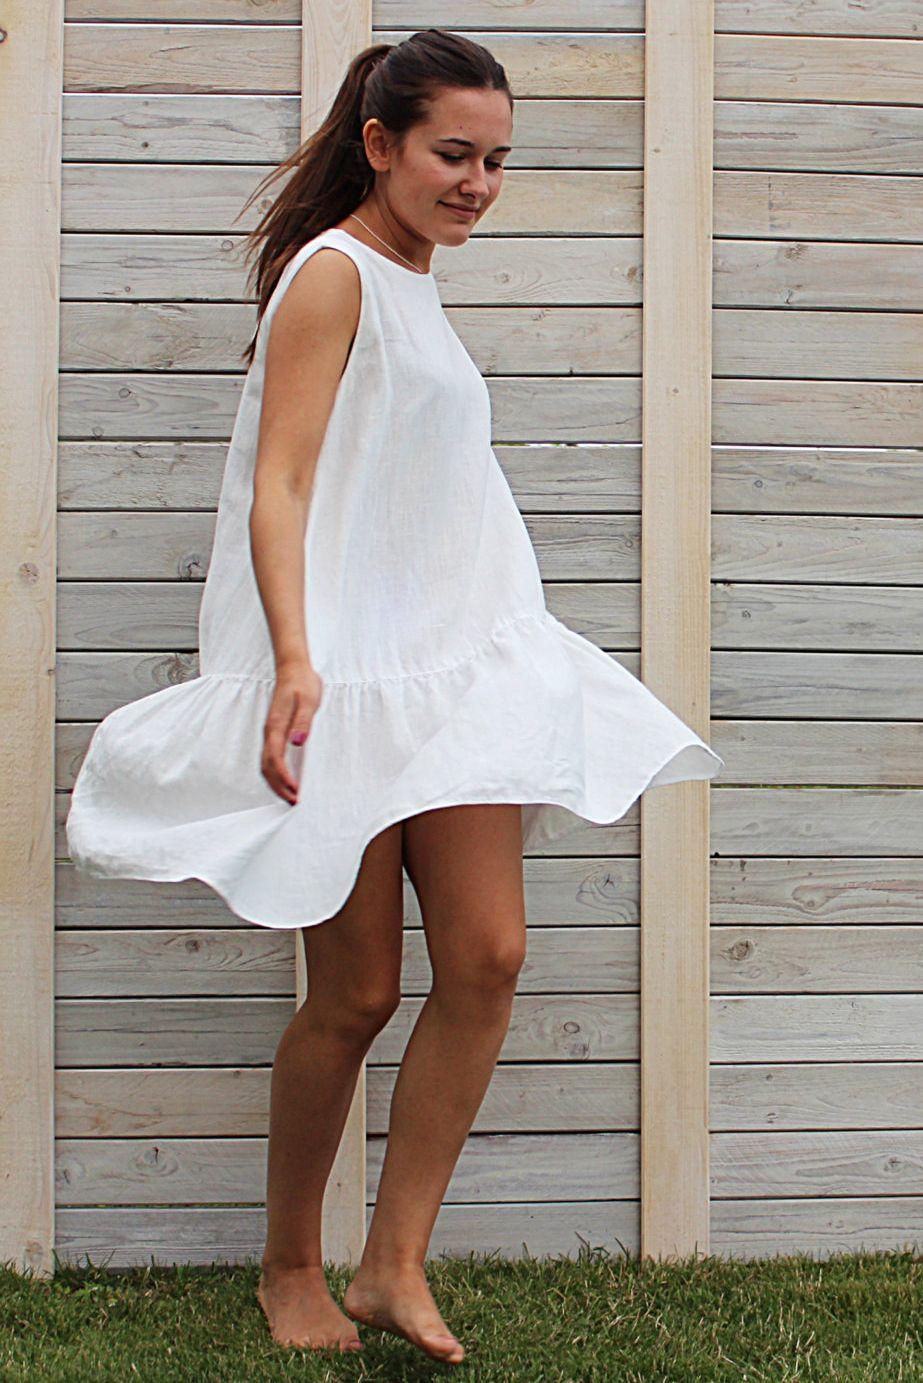 Linen Summer Dress Sleeveless Dress Day Dress Loose Fit Etsy Loose Fitting Dresses Summer Dresses Summer Linen Dresses [ 1383 x 923 Pixel ]